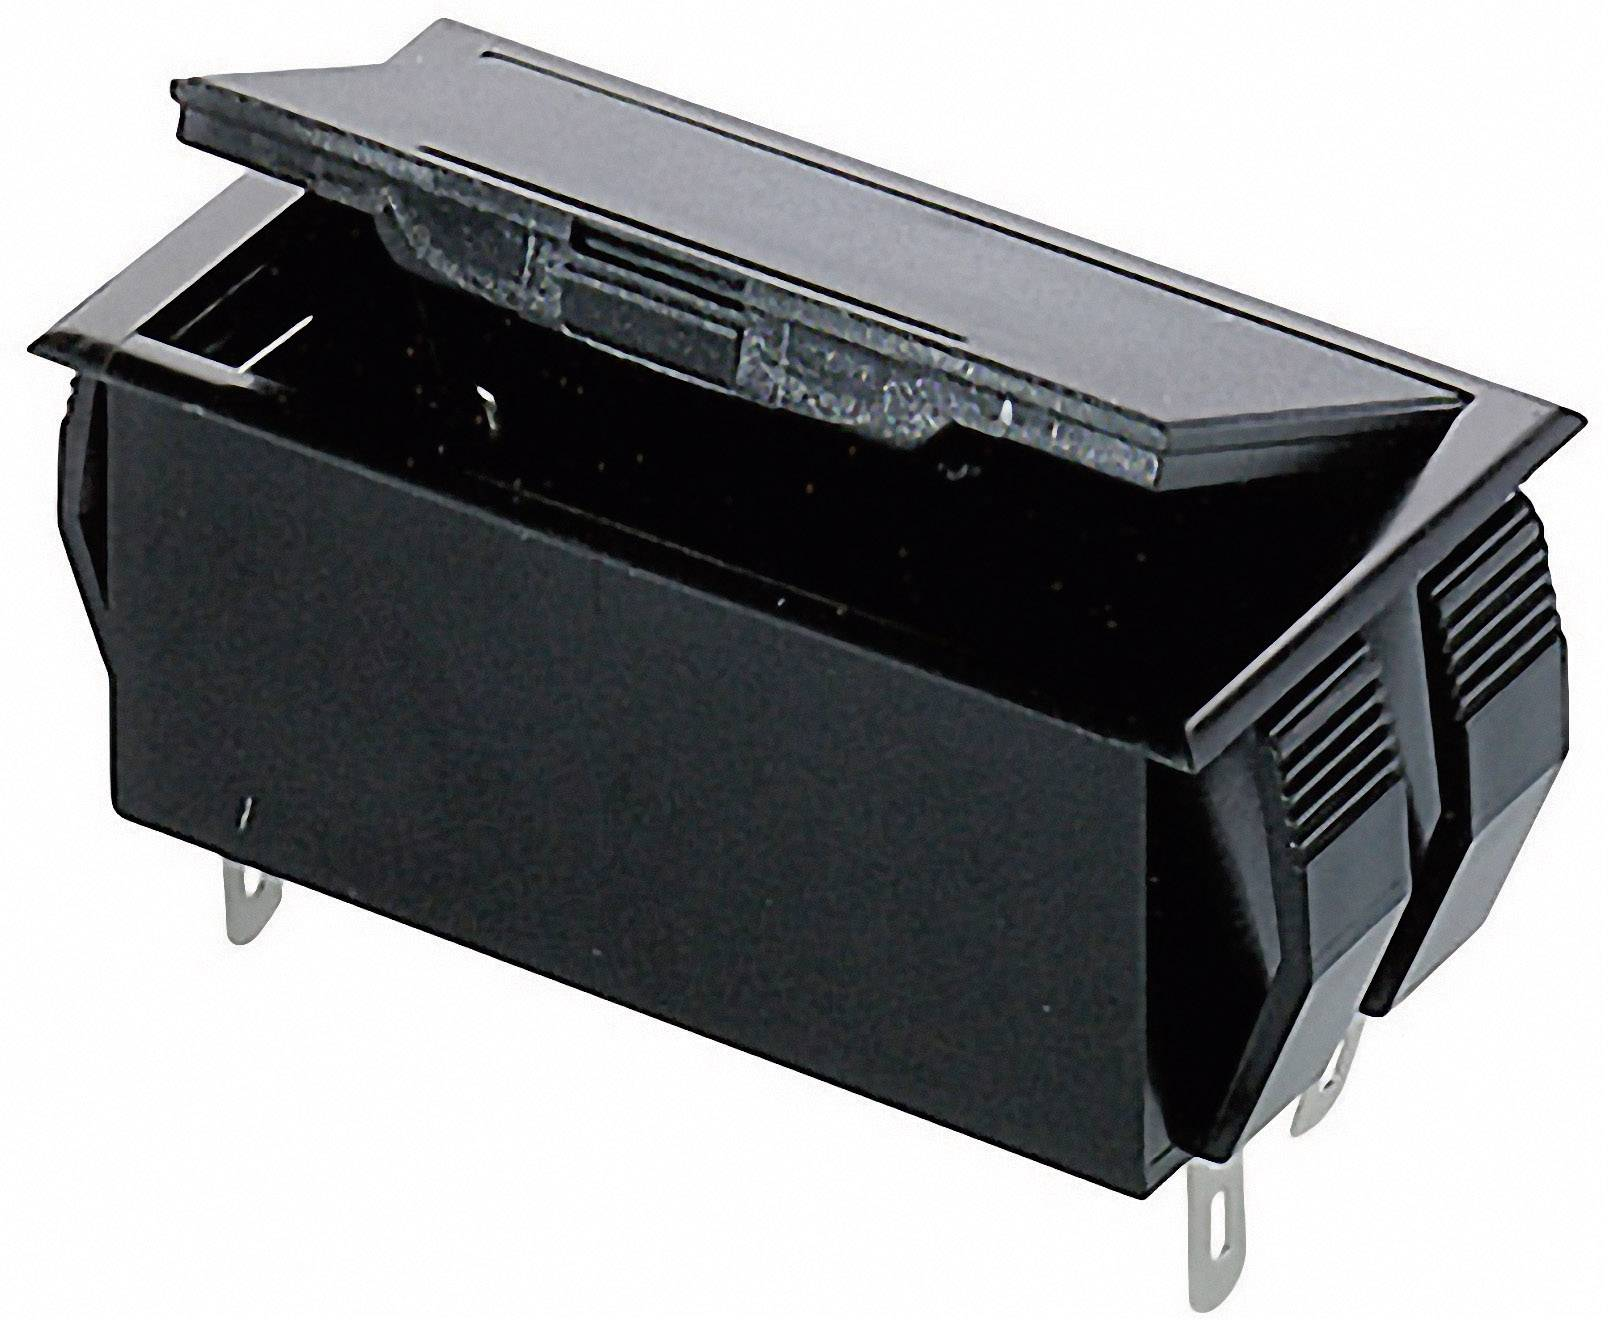 Držák na baterie Bopla BE 30, 1x 9V/2x AA